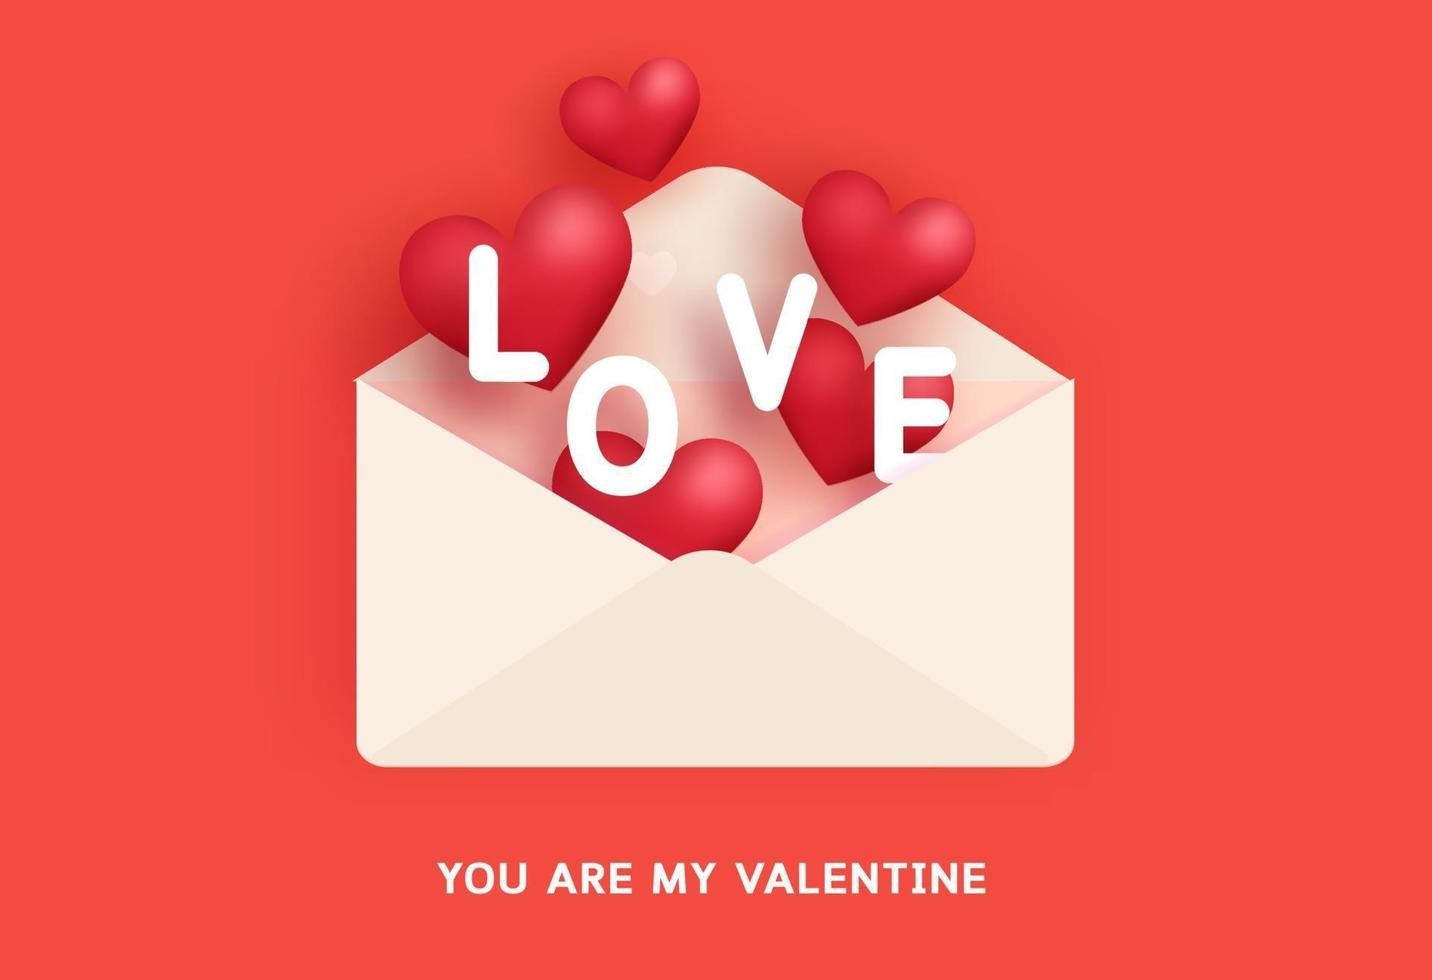 Alla hjärtans gratulationskort med ett brev och kärleksord. vektor